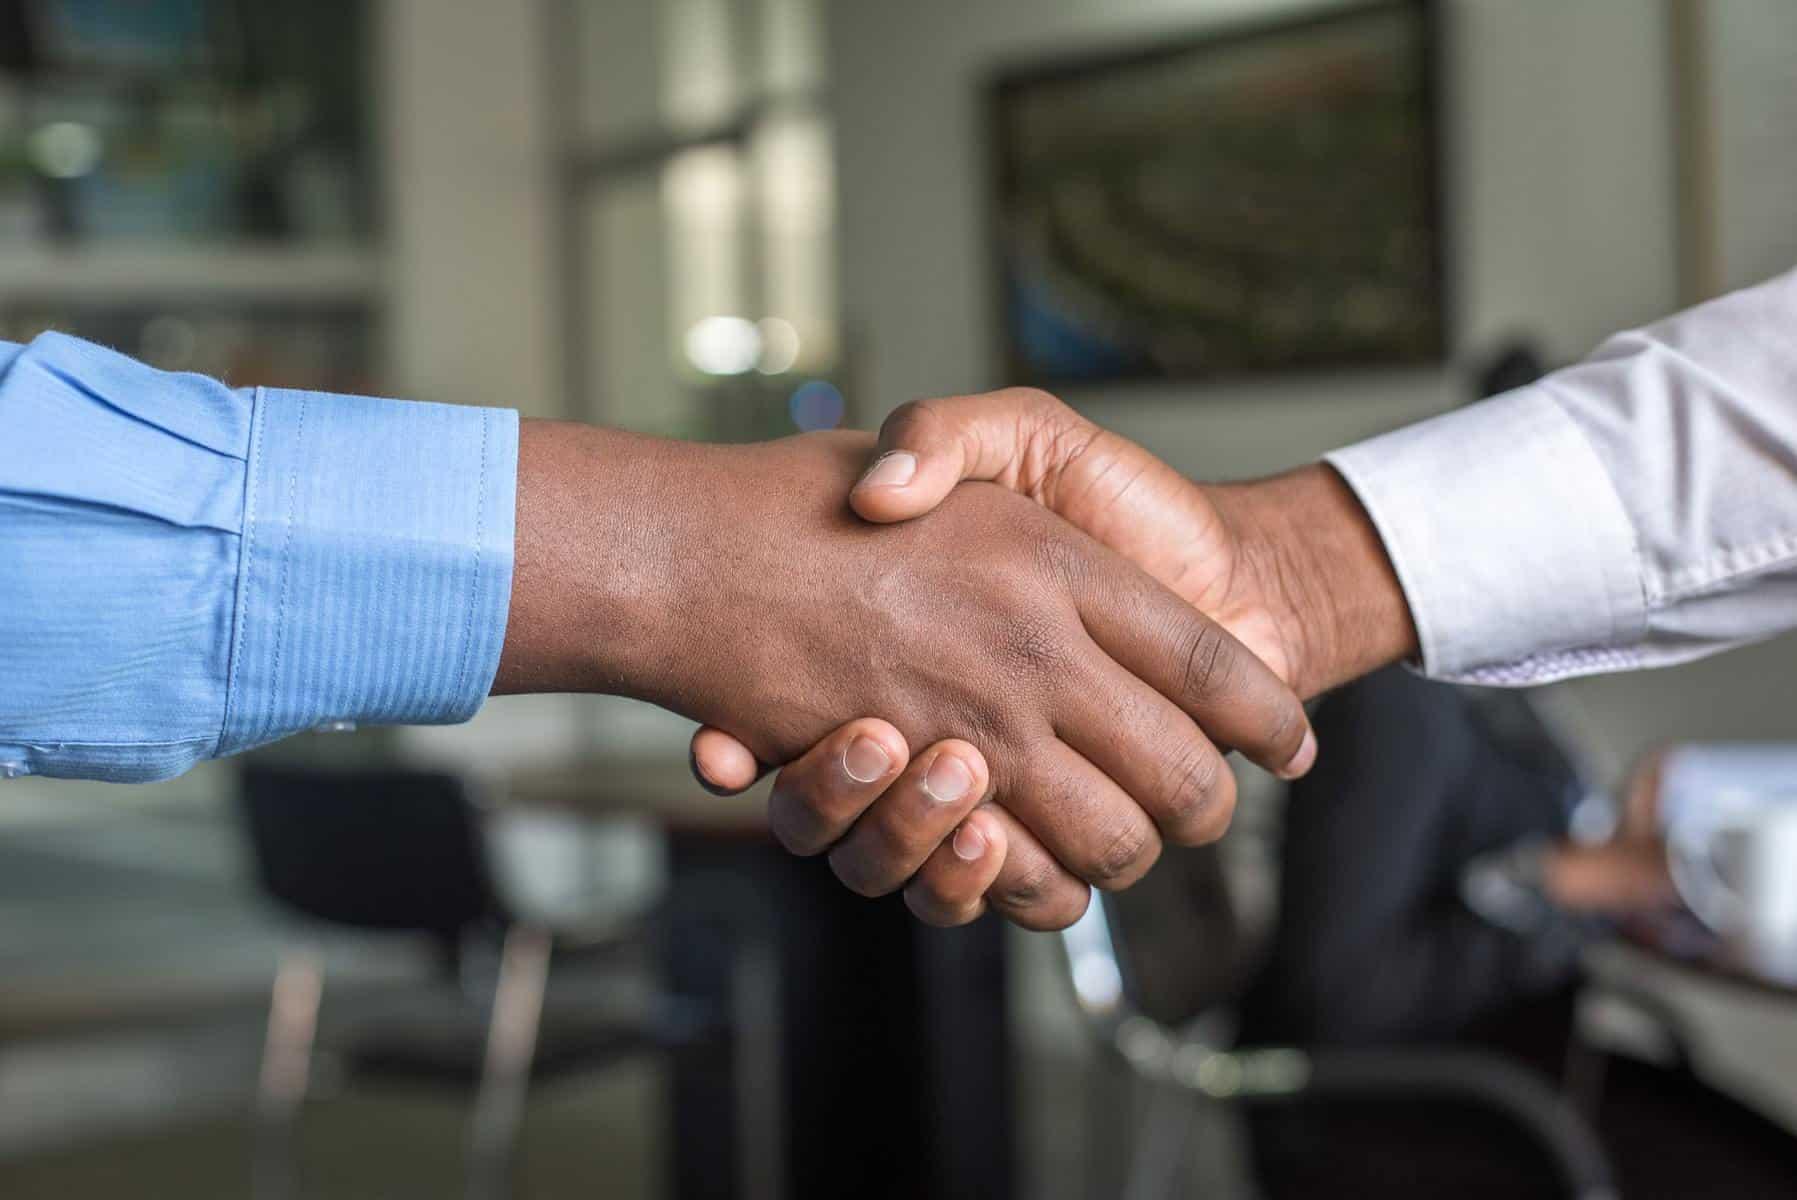 Handshake up close